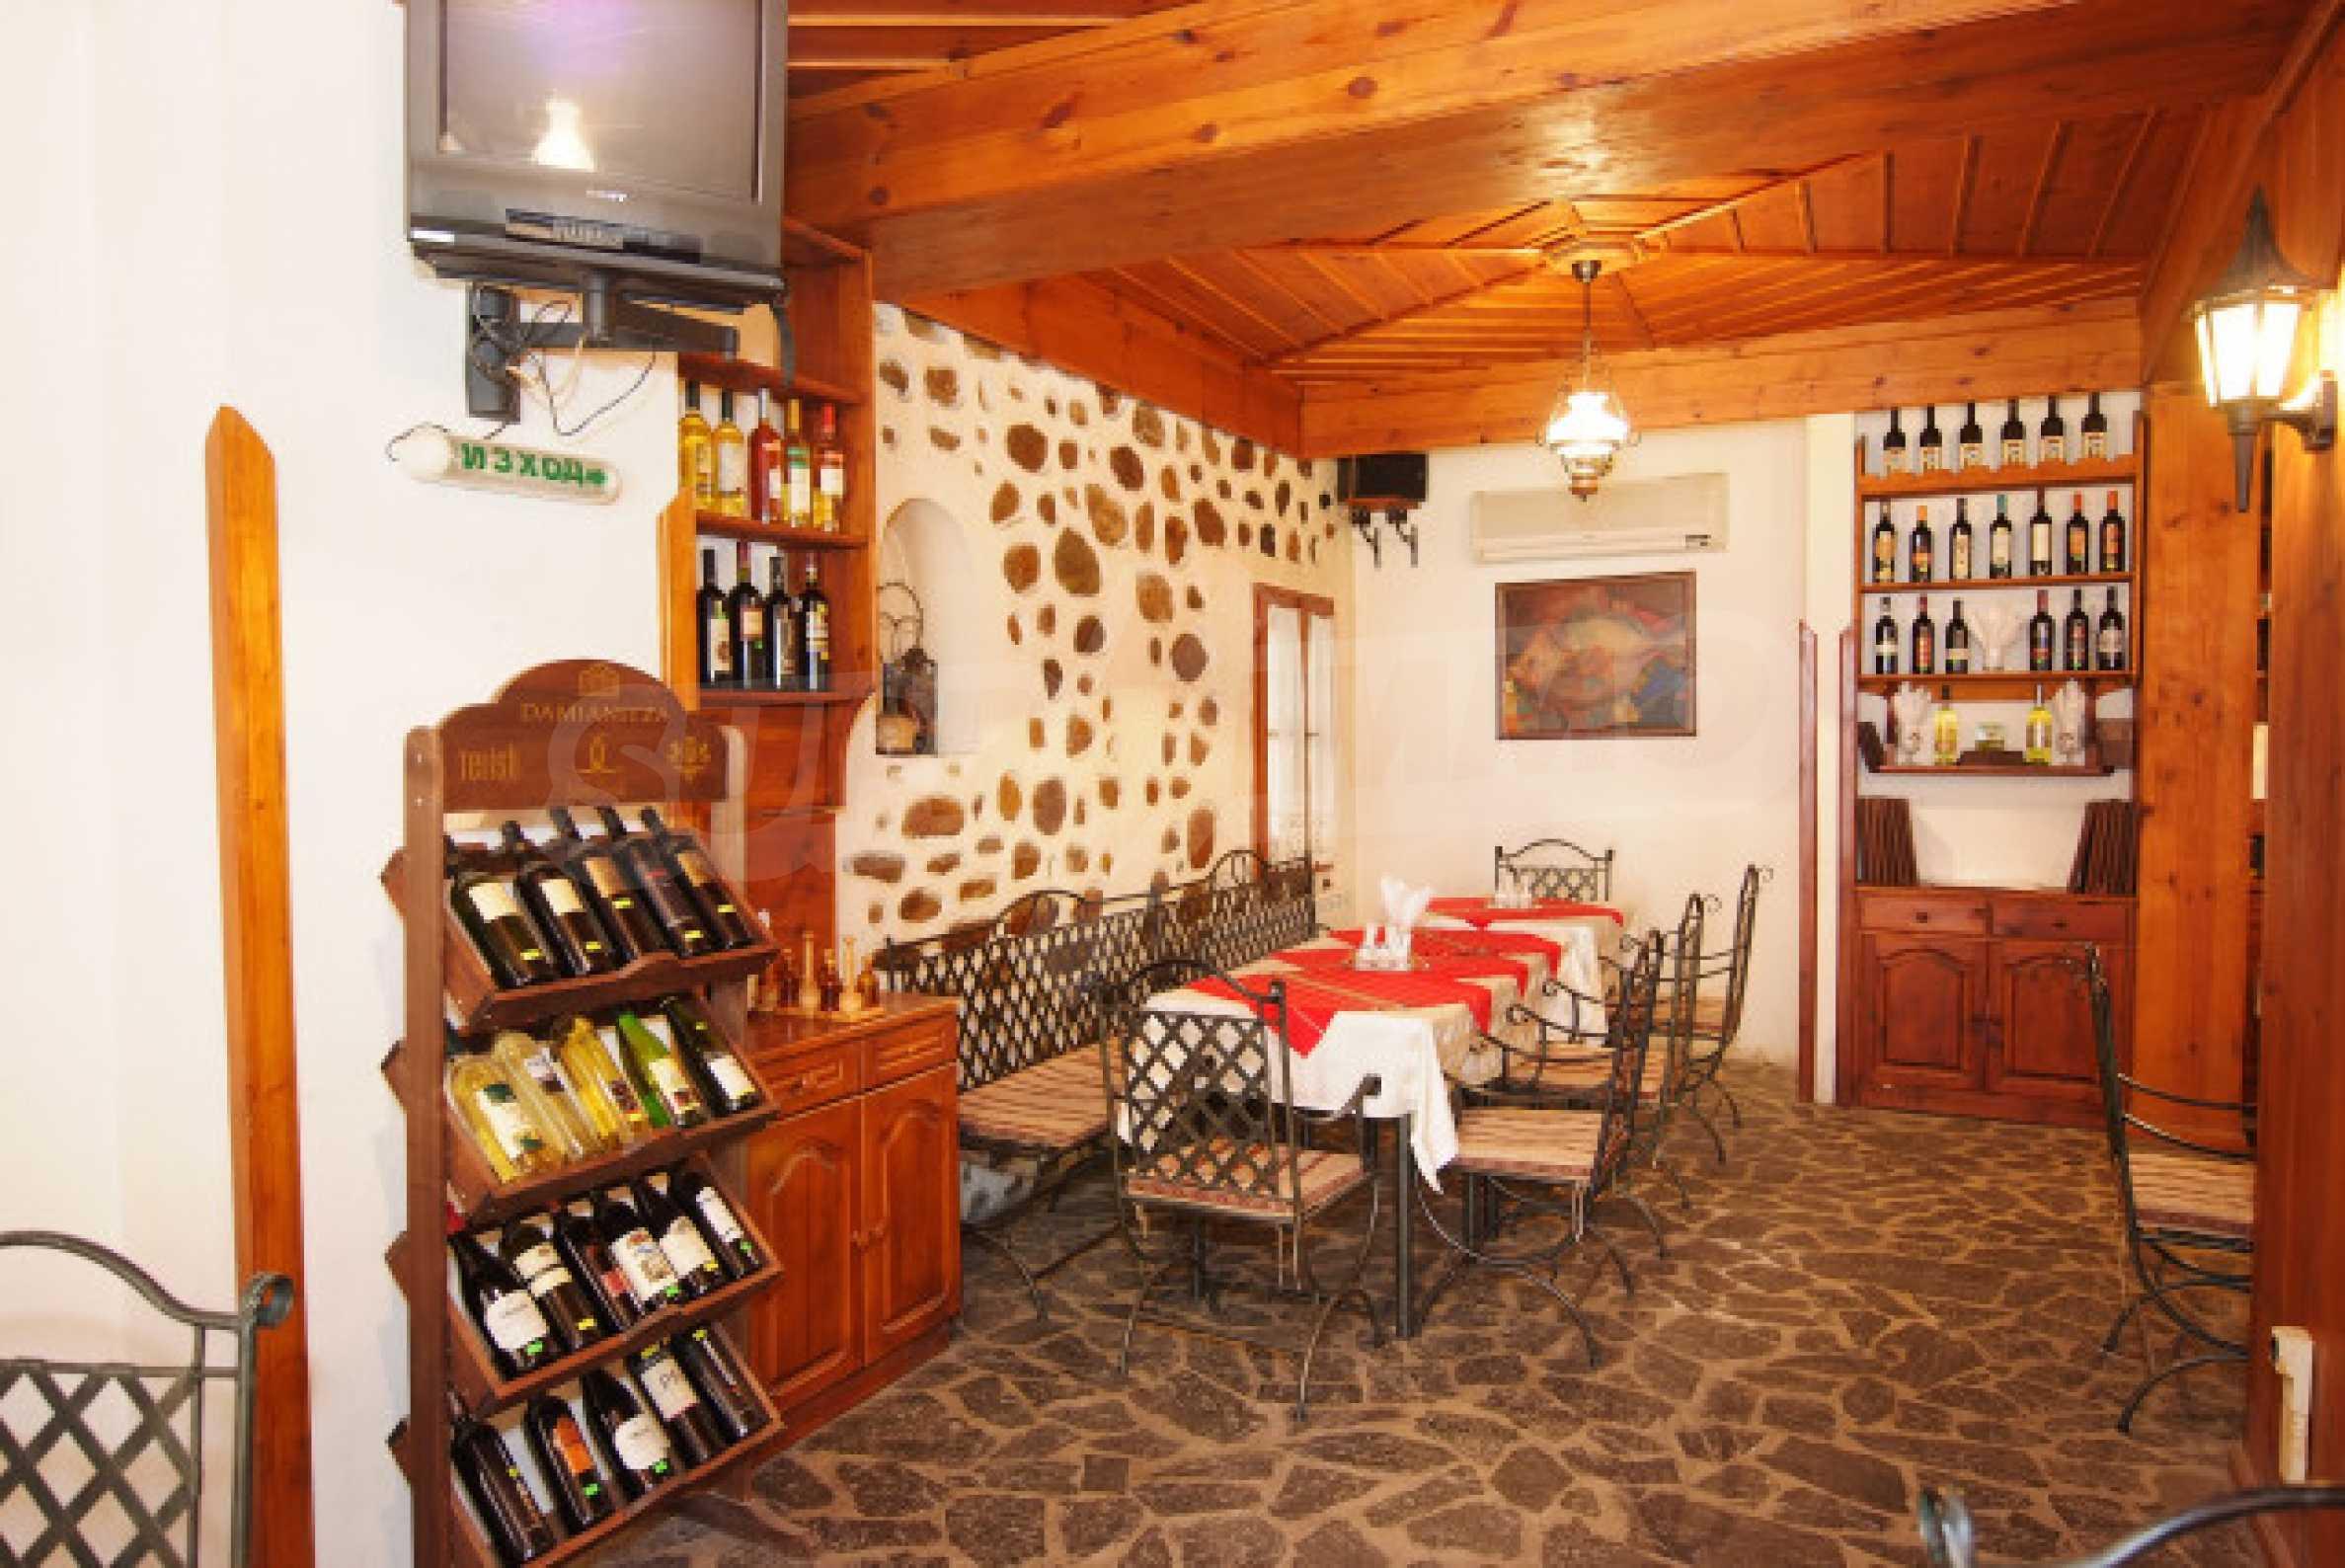 Семеен хотел в центъра на град Мелник 6